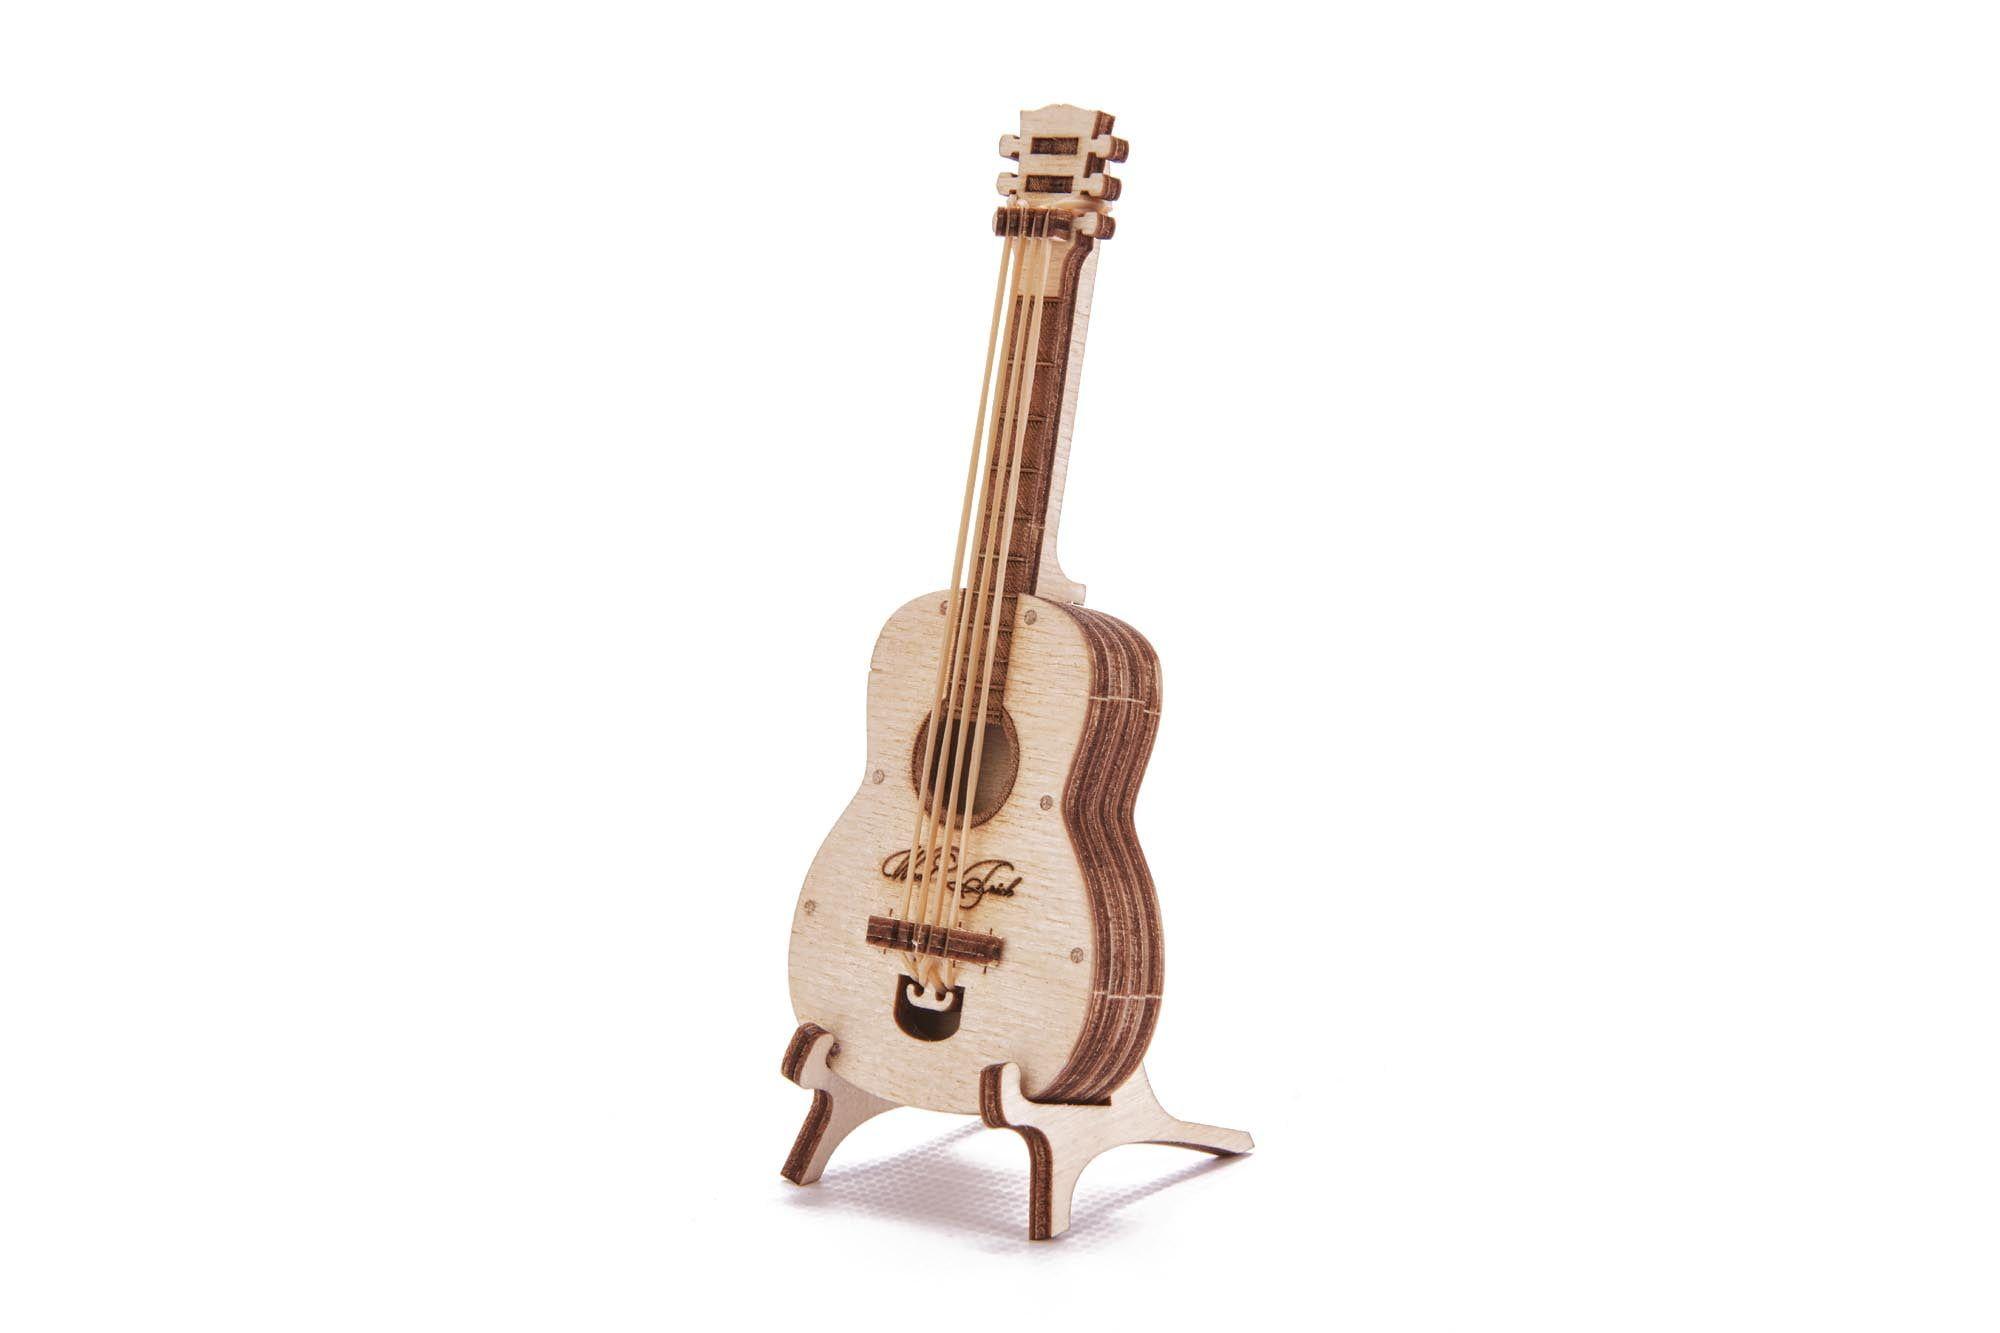 Wood Trick Guitar